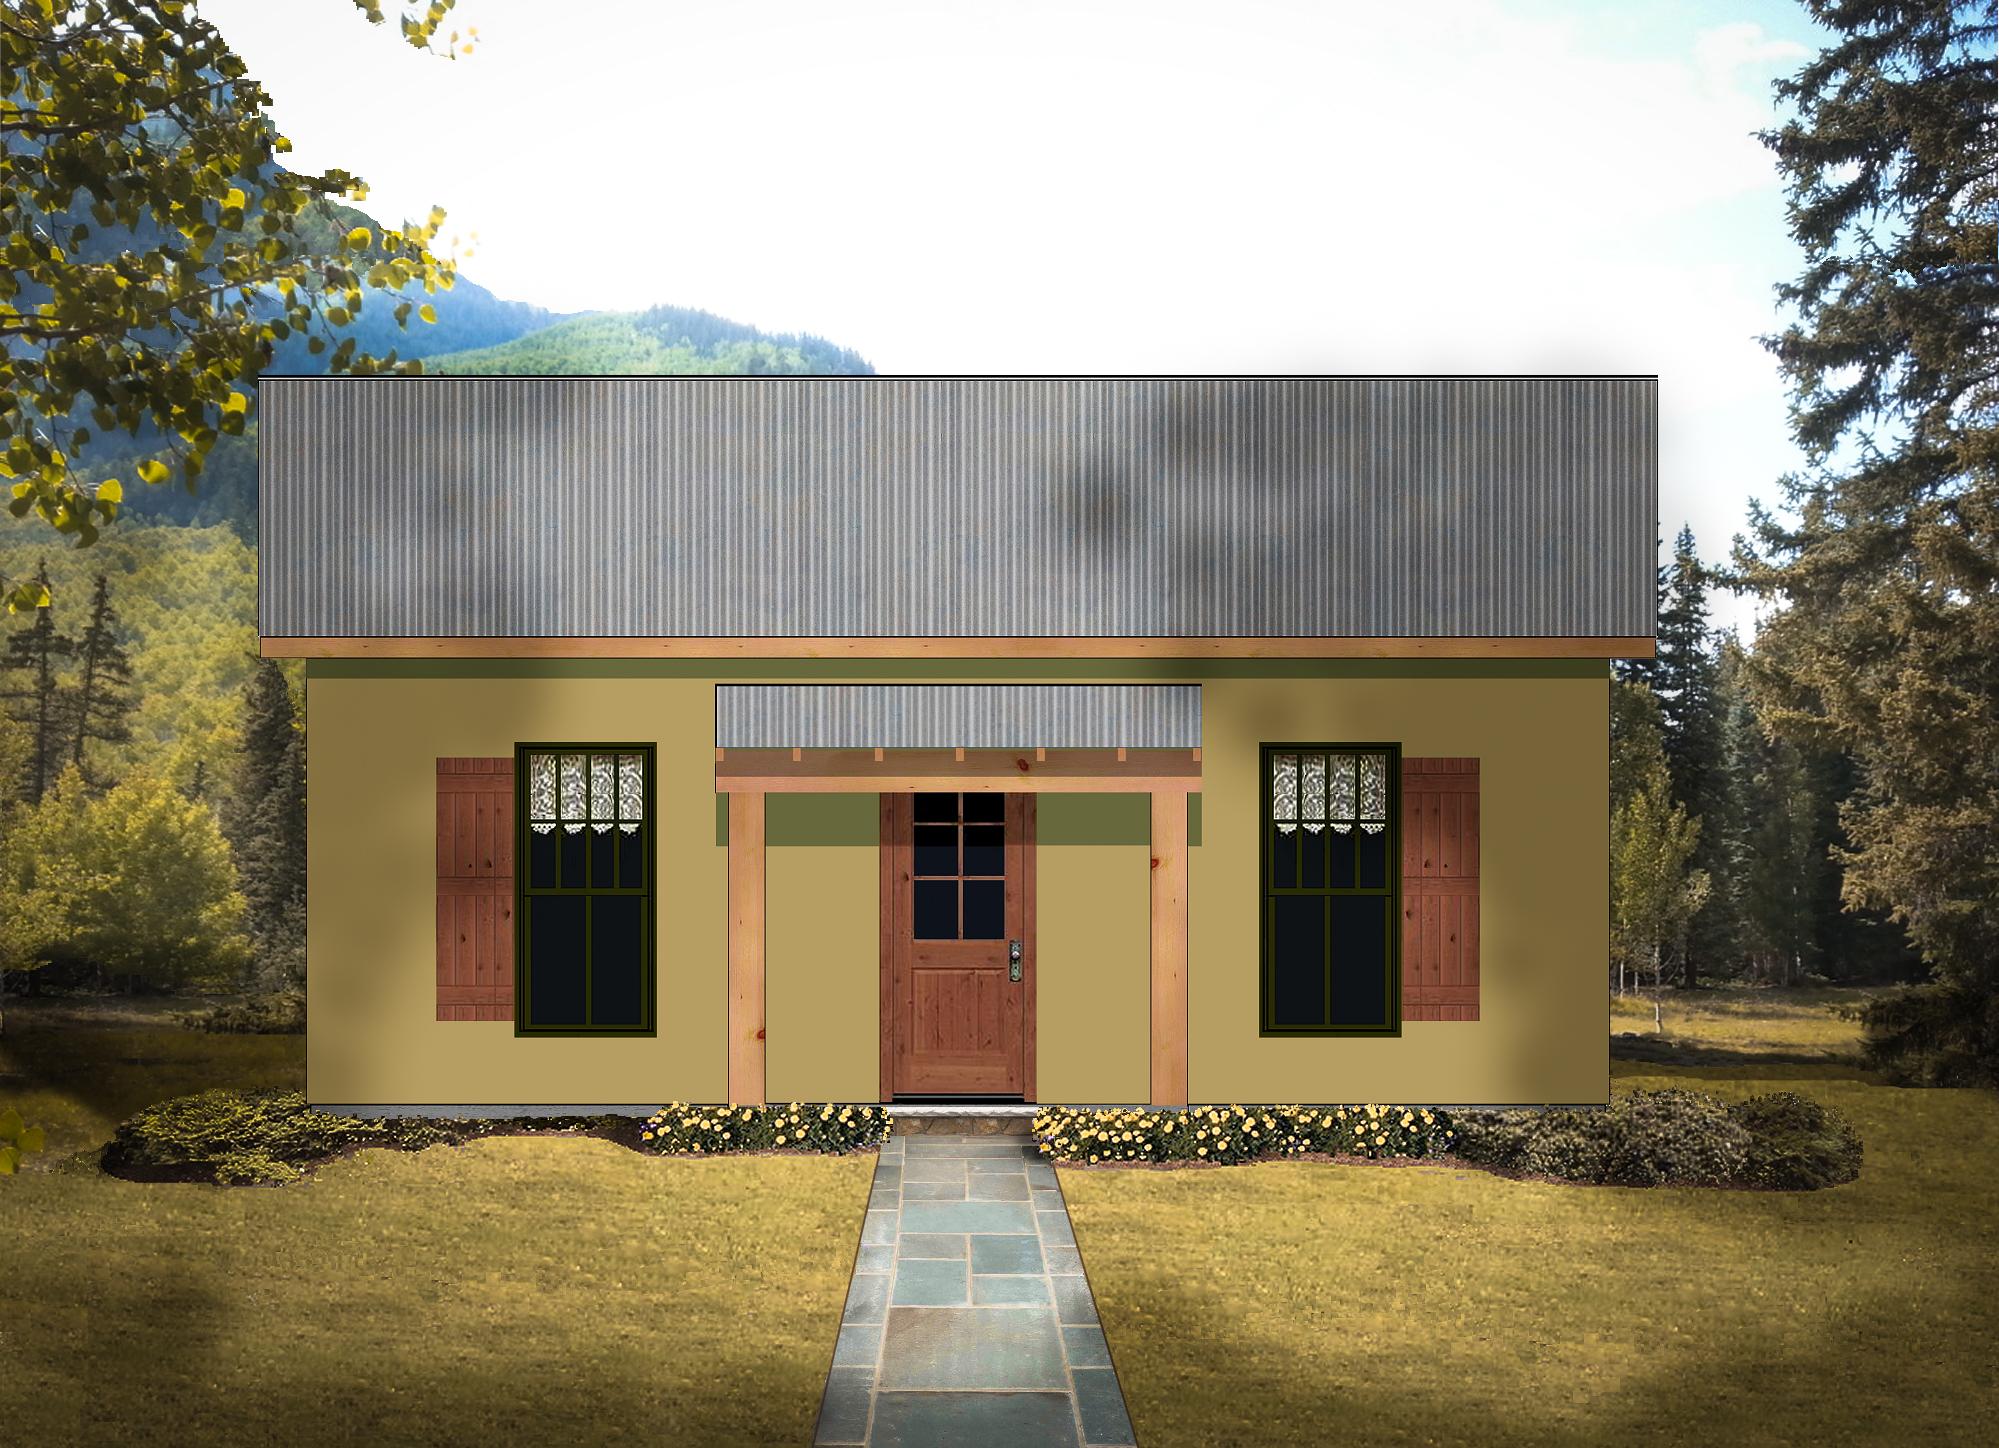 New Homes Granbury, Small Luxury Homes, Small House Plans, Little Luxury Homes, Small New Homes, Small Homes Texas